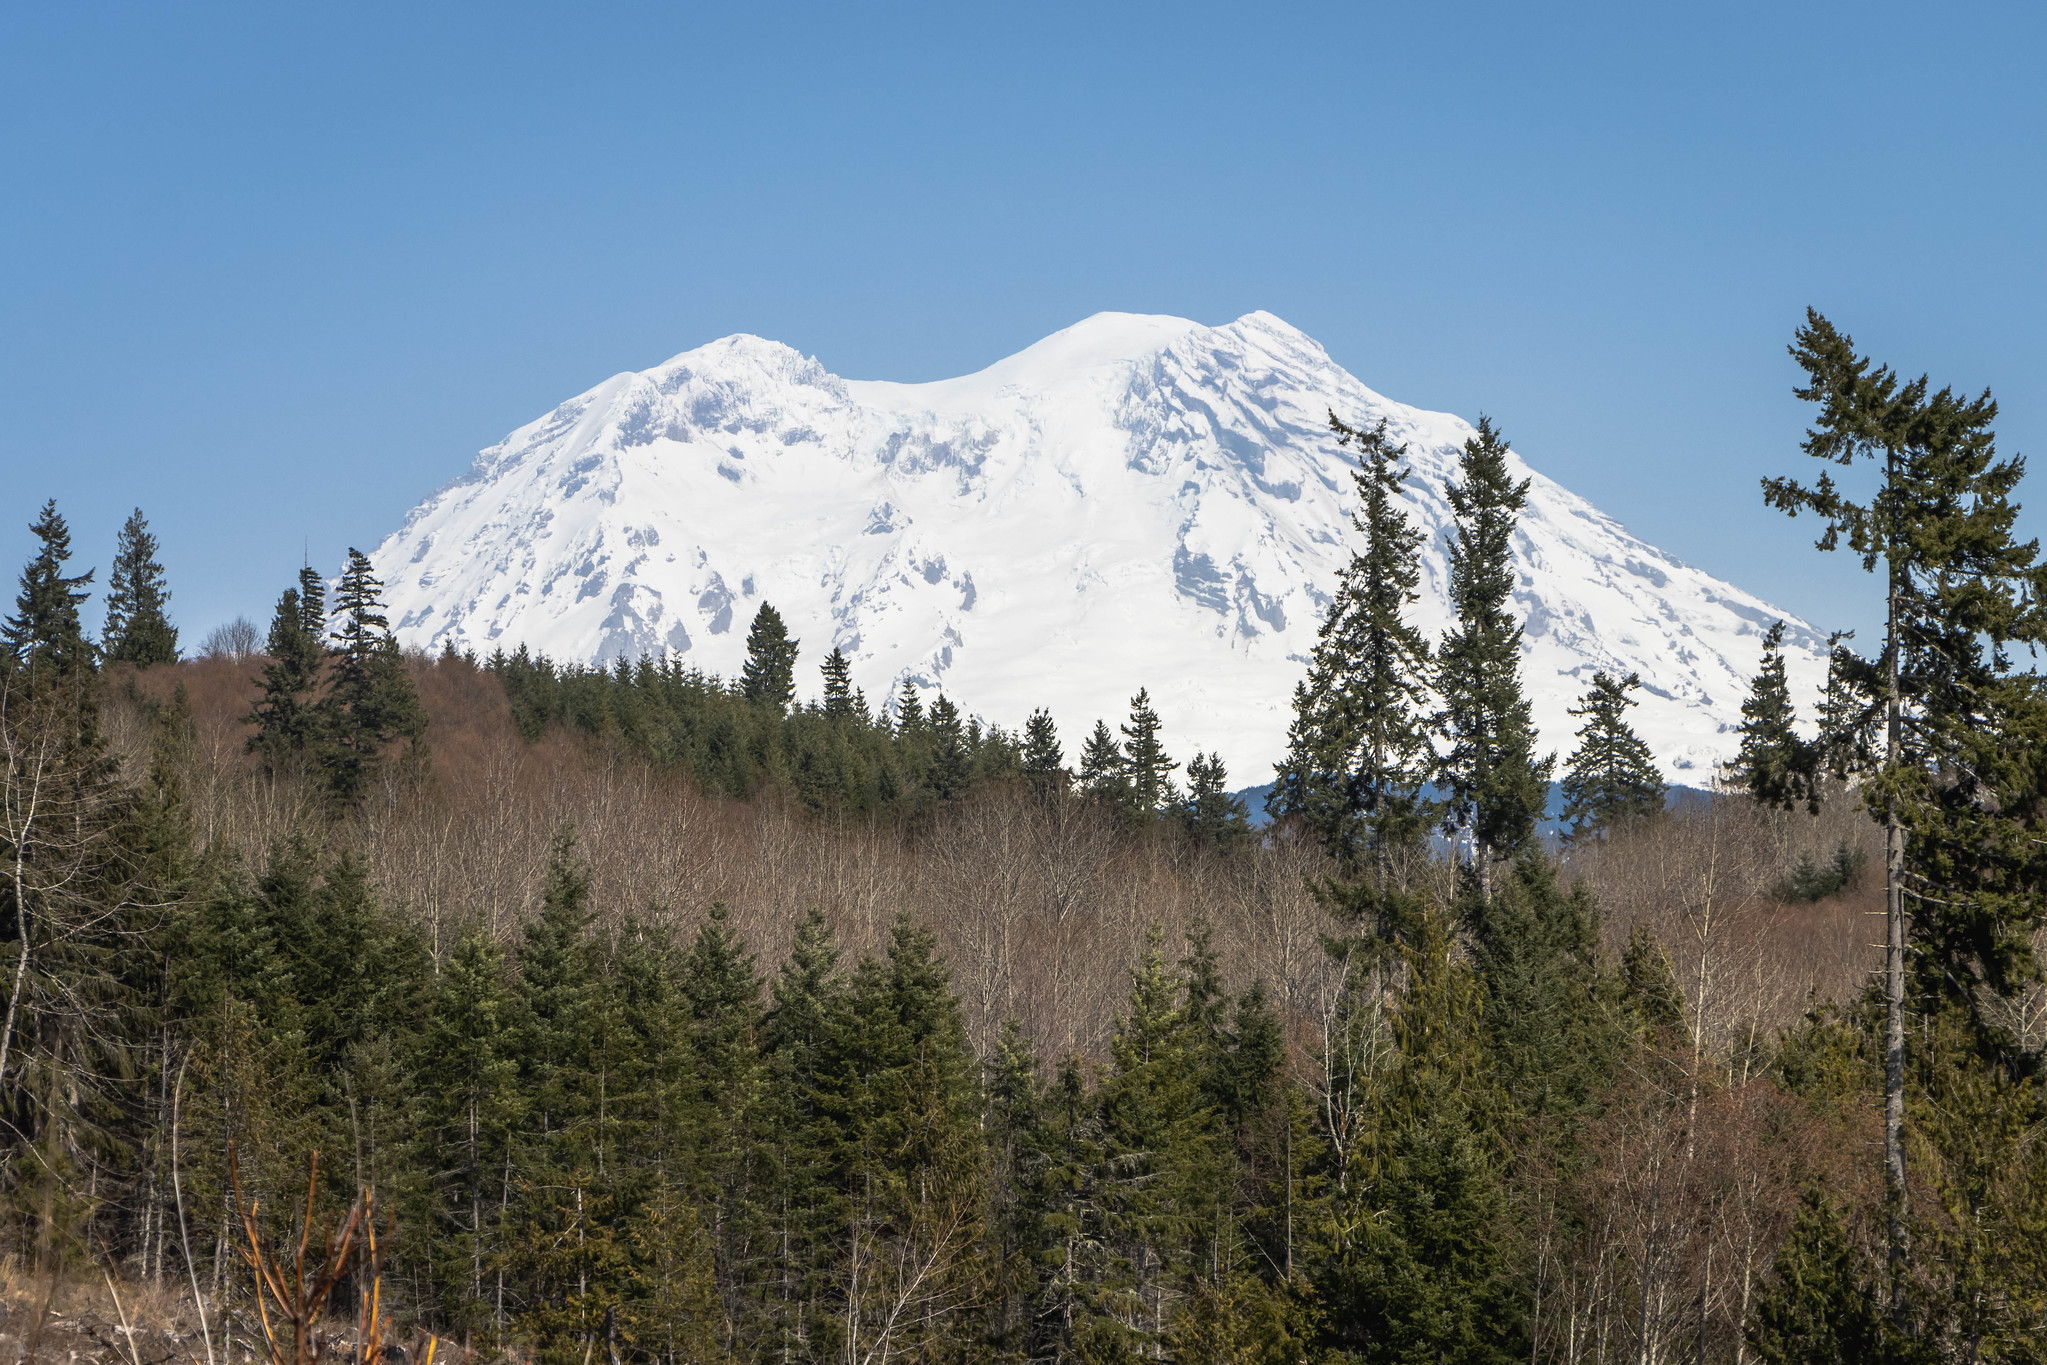 The superimposed Mount Rainier